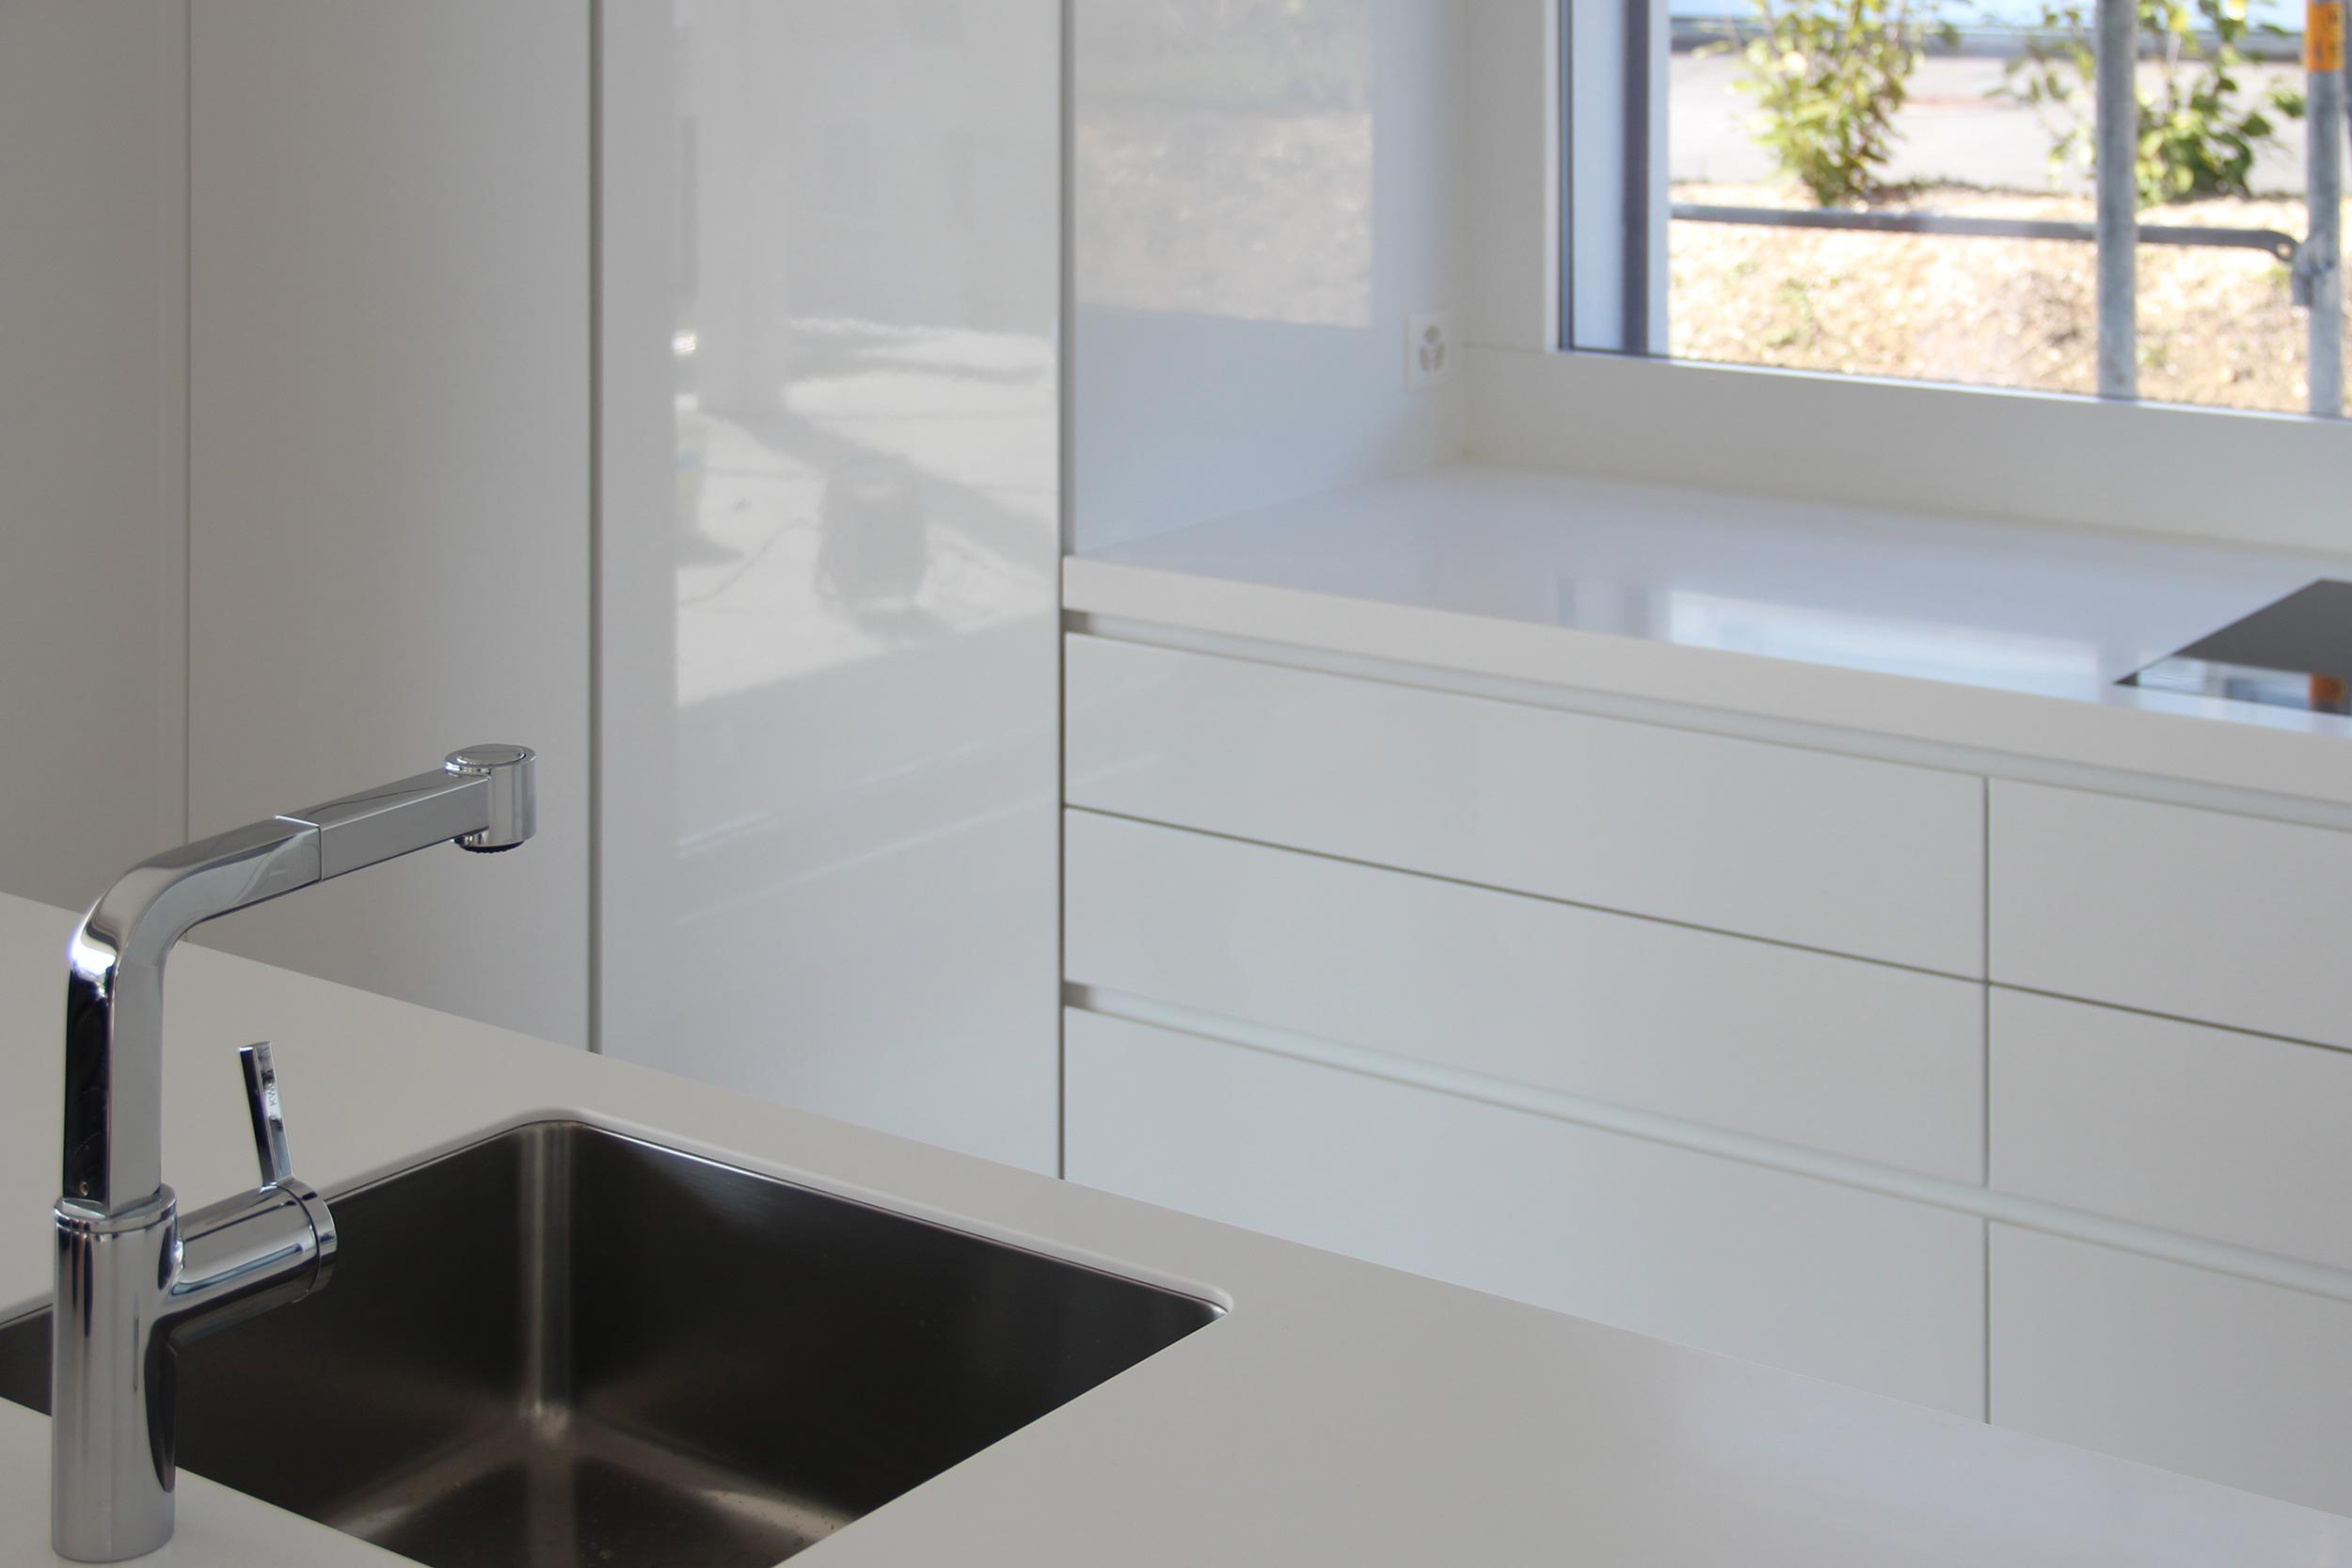 kochen archiwork ag. Black Bedroom Furniture Sets. Home Design Ideas